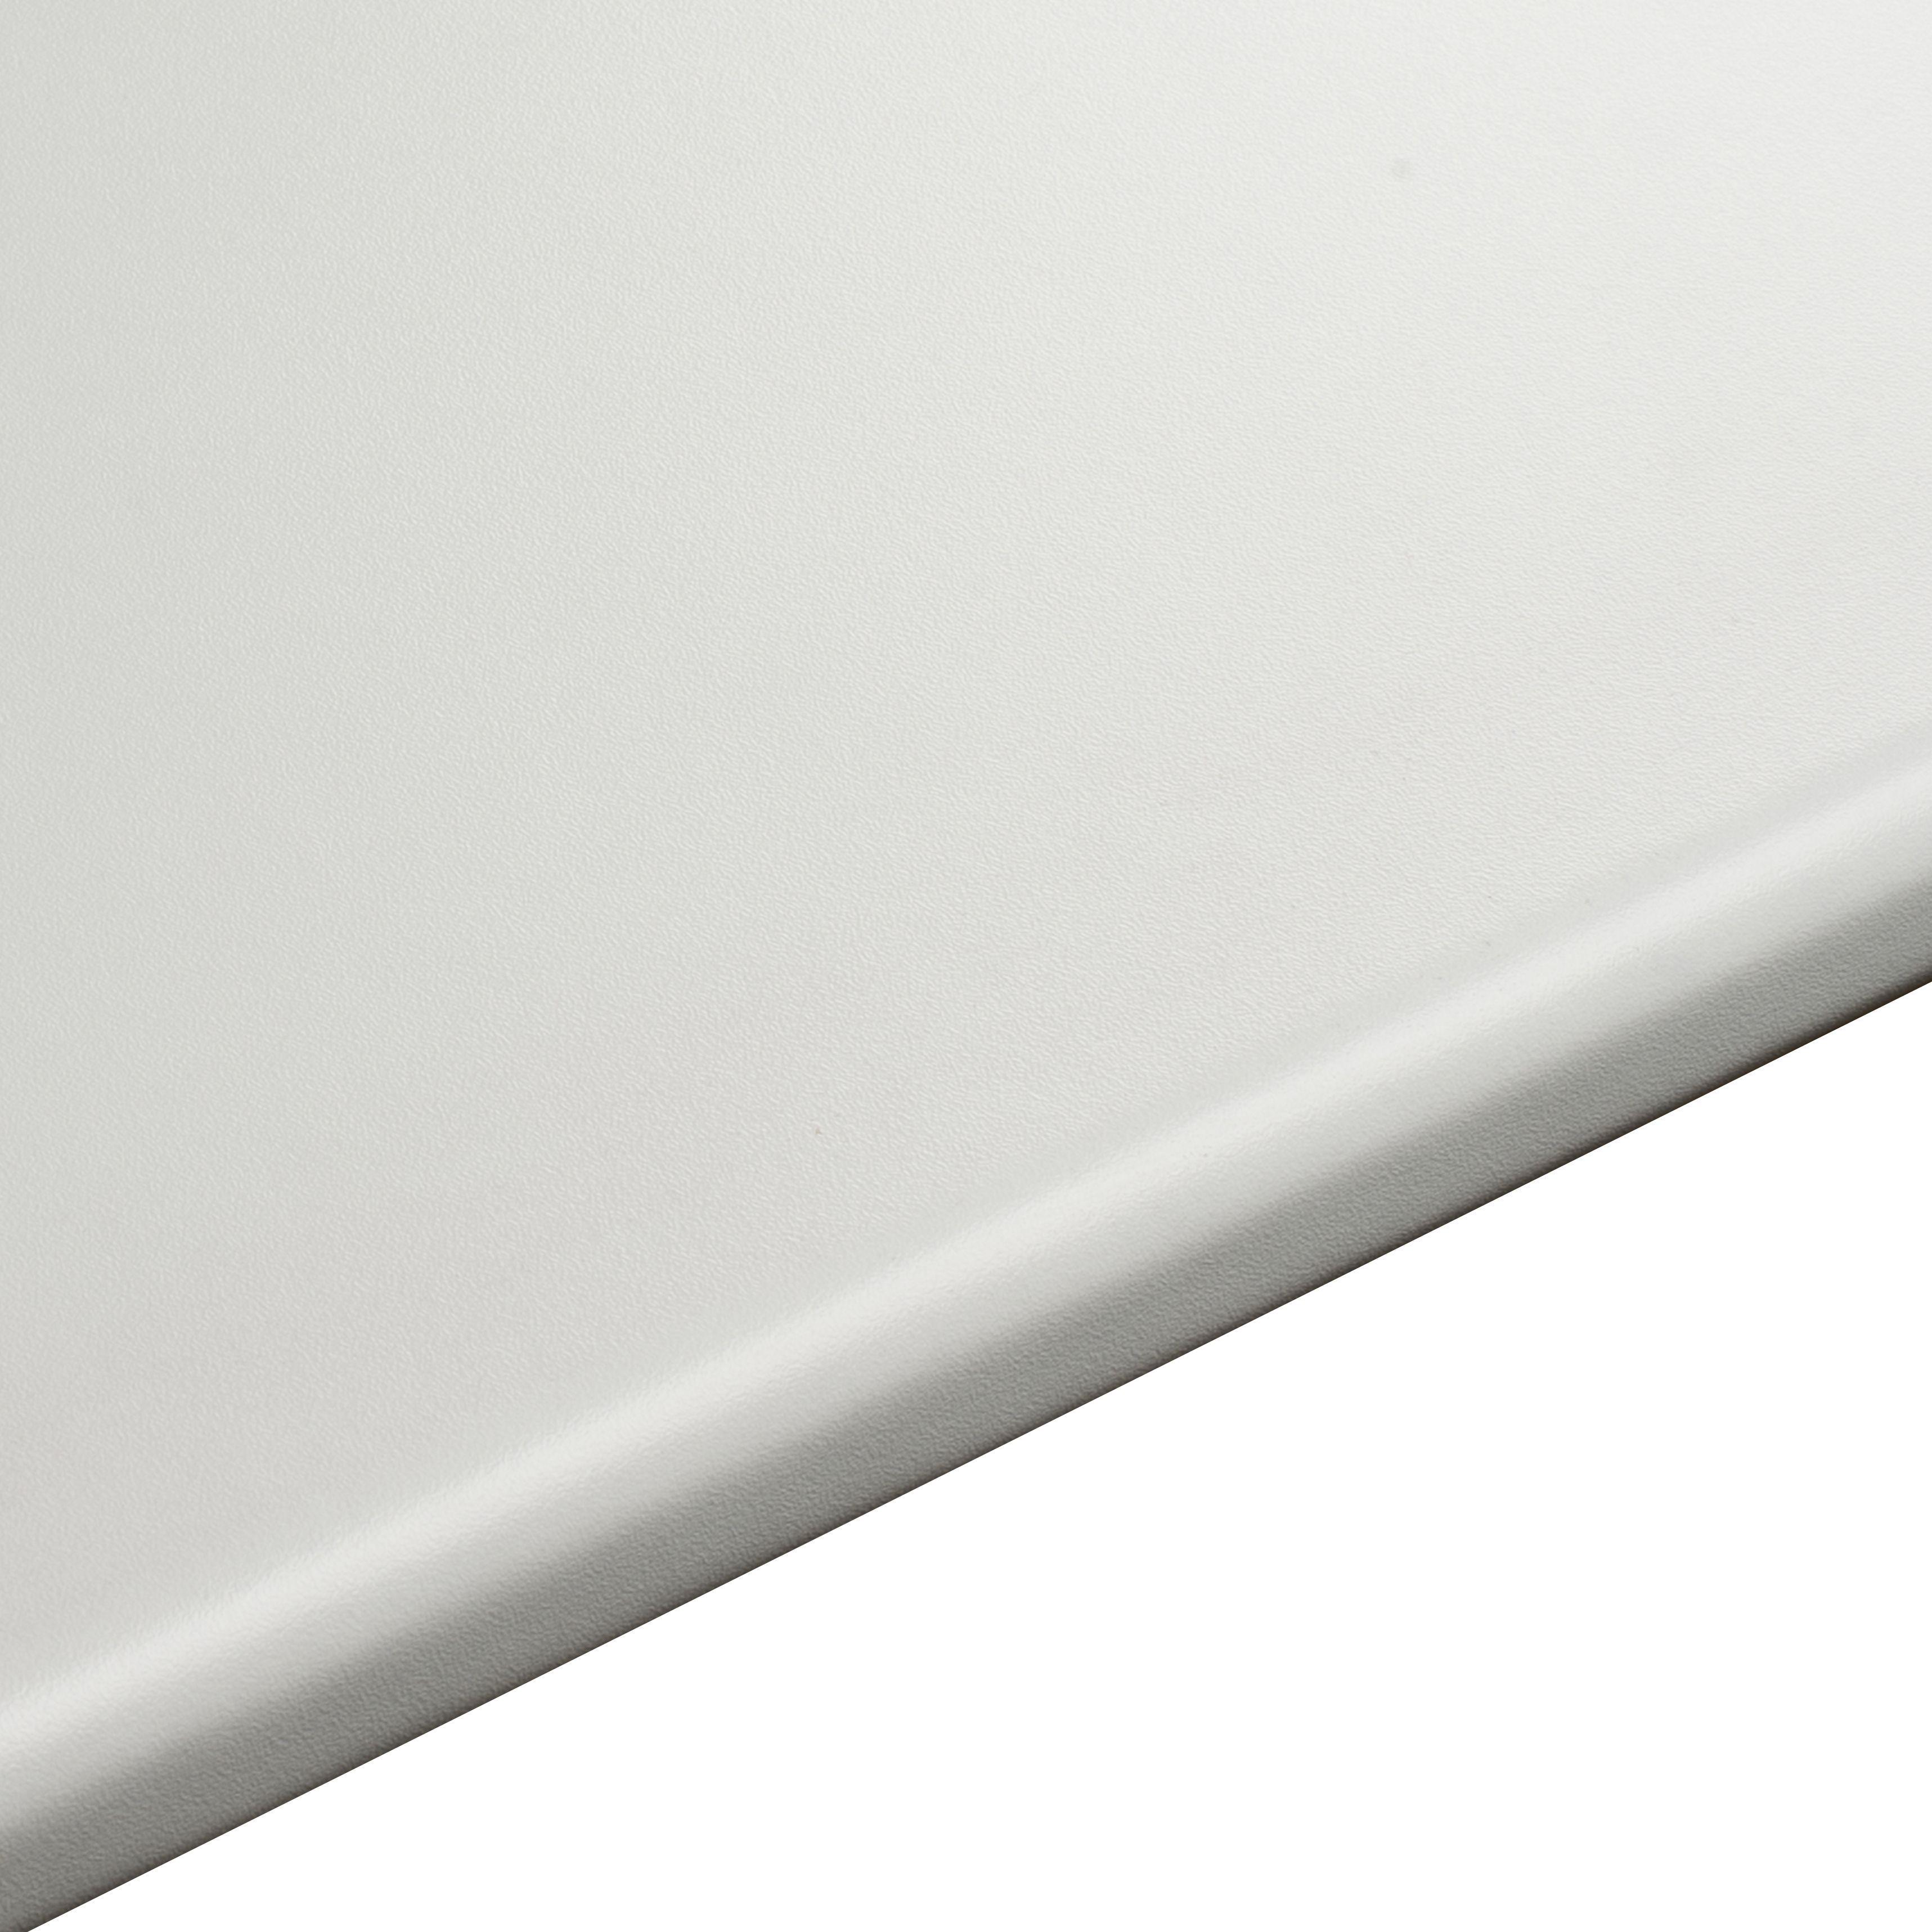 28mm B&Q White Laminate Round Edge Kitchen Worktop